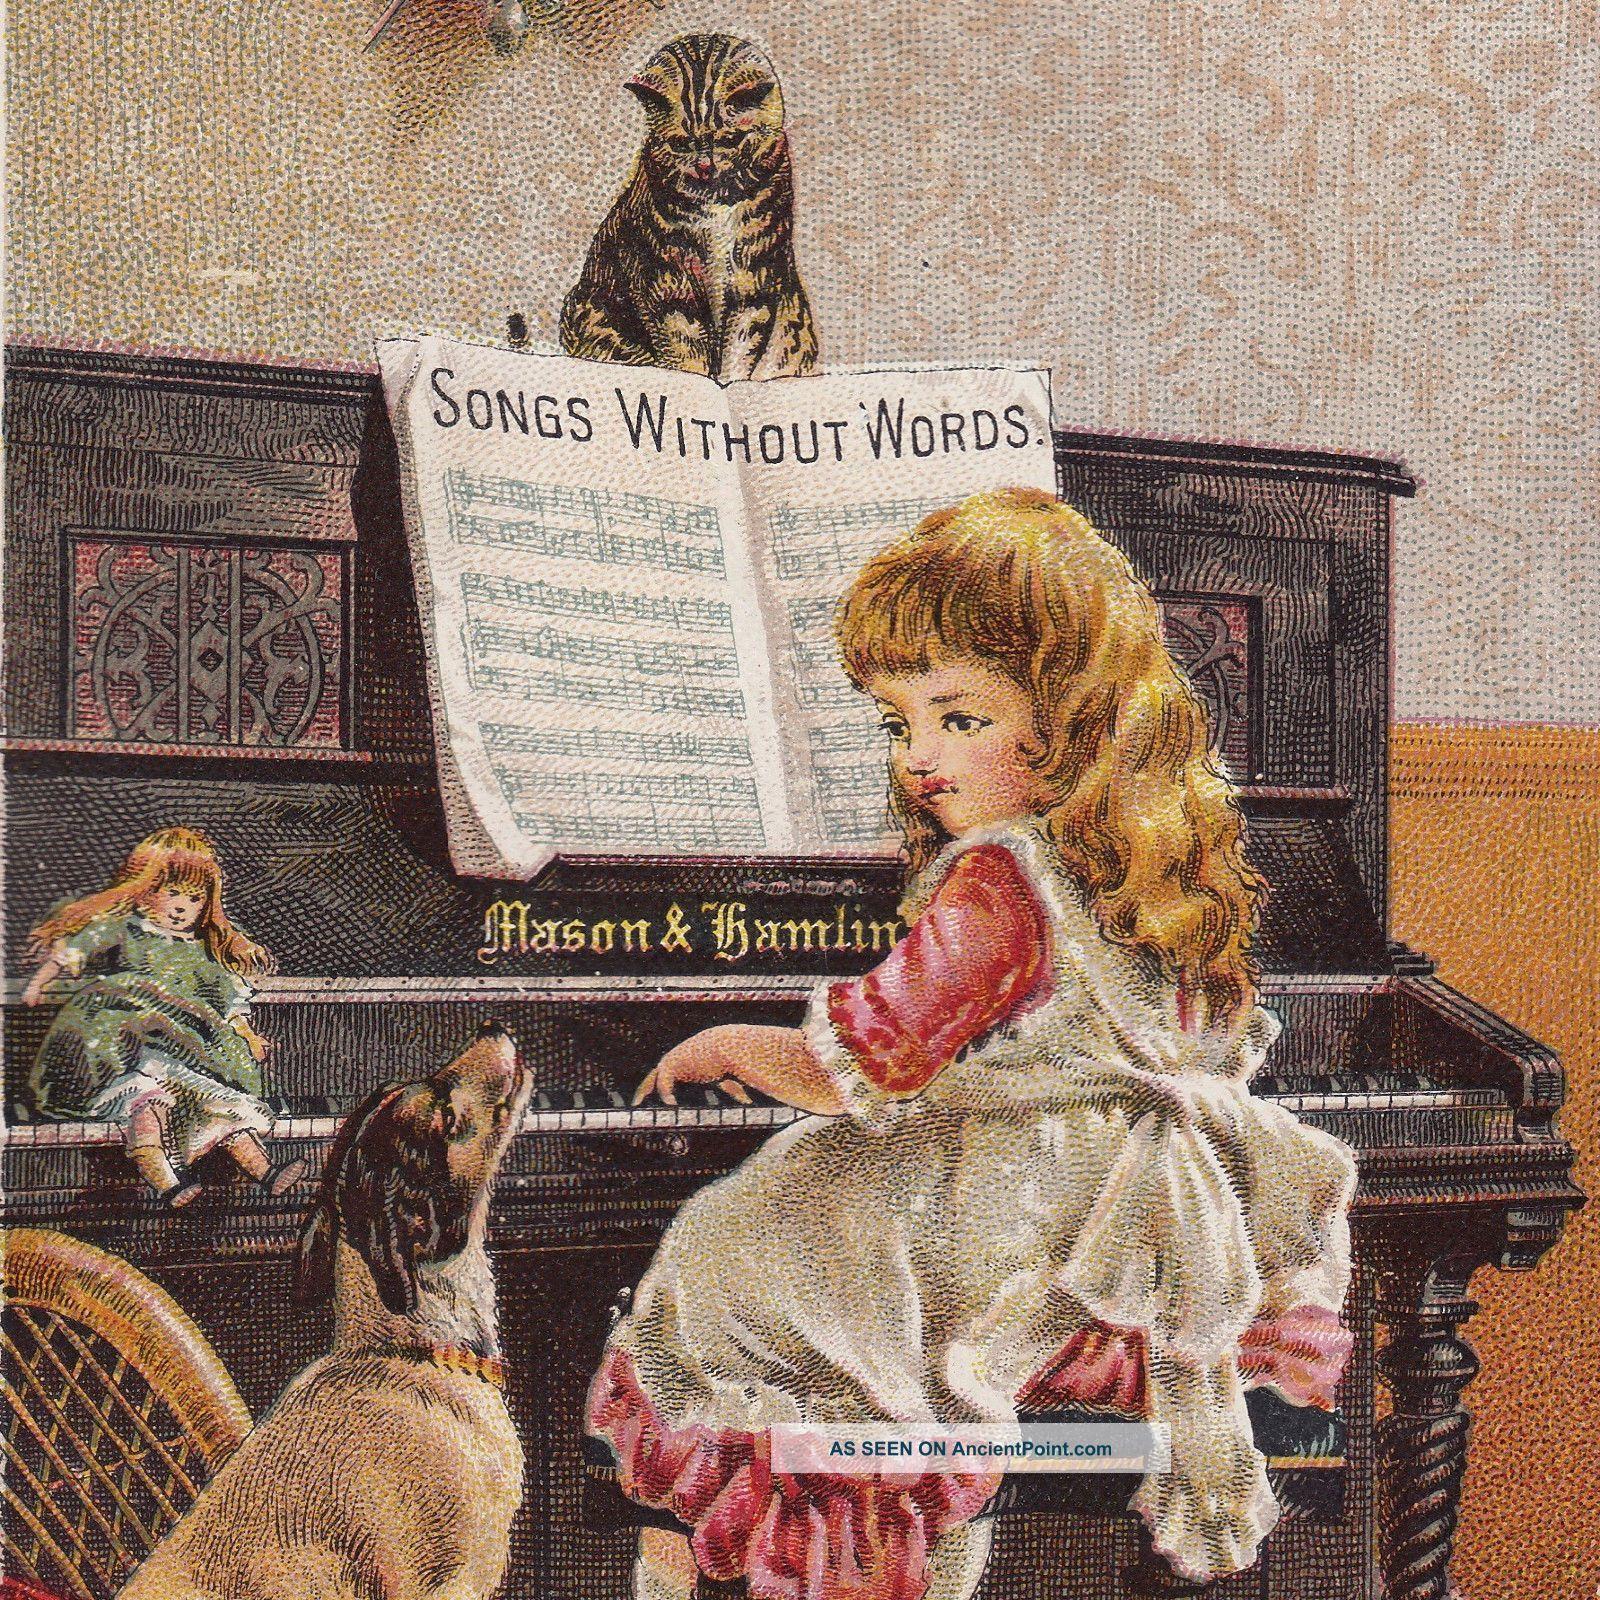 Hollowville Ny Mason & Hamlin Piano Organ Dog Cat Old Victorian Advertising Card photo